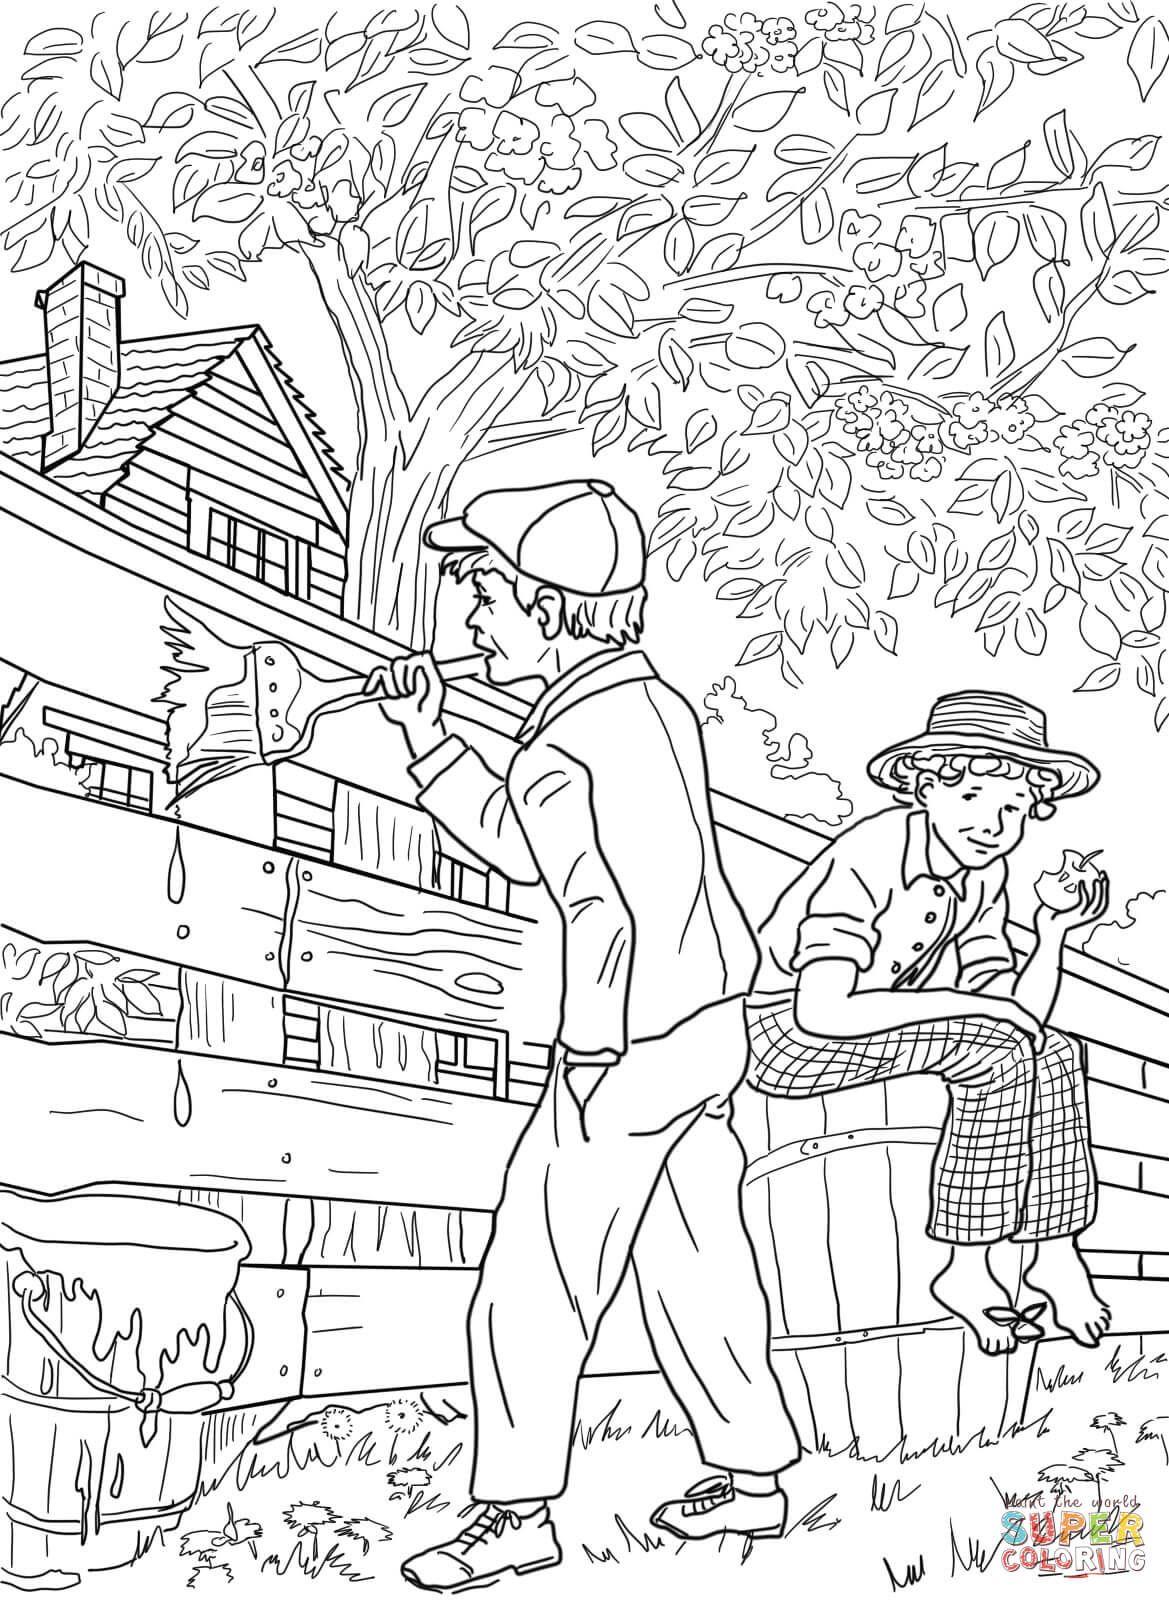 Tom Sawyer And Whitewashing The Fence